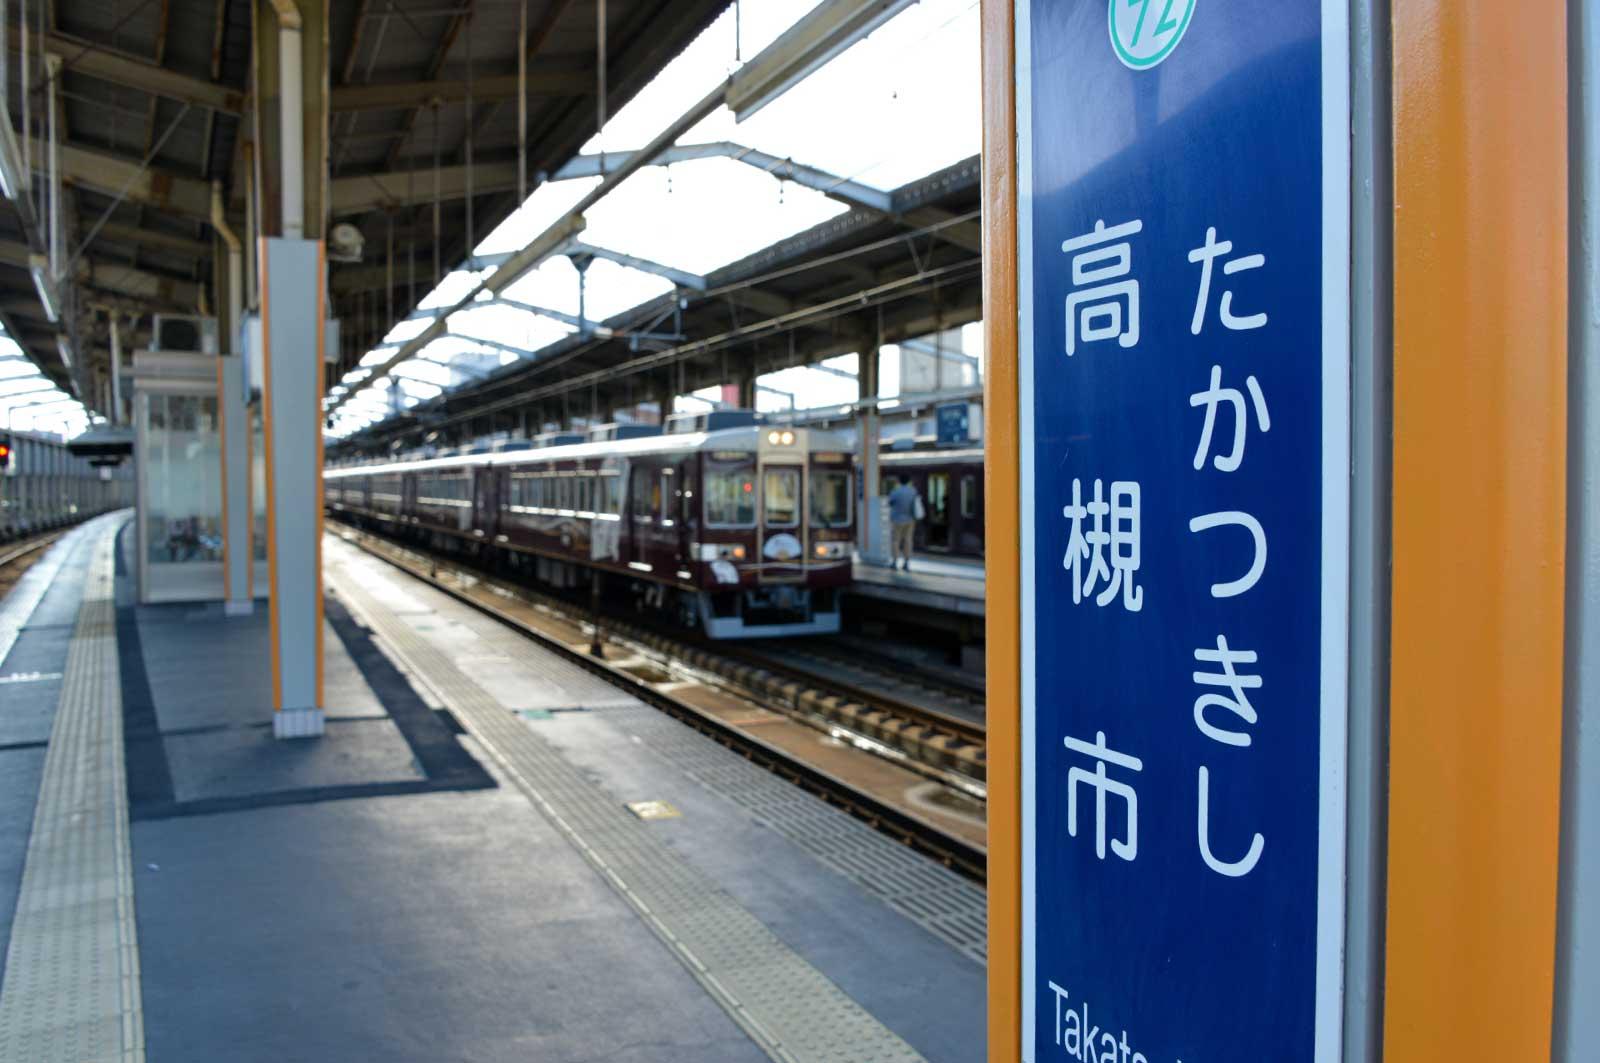 阪急高槻駅のホーム